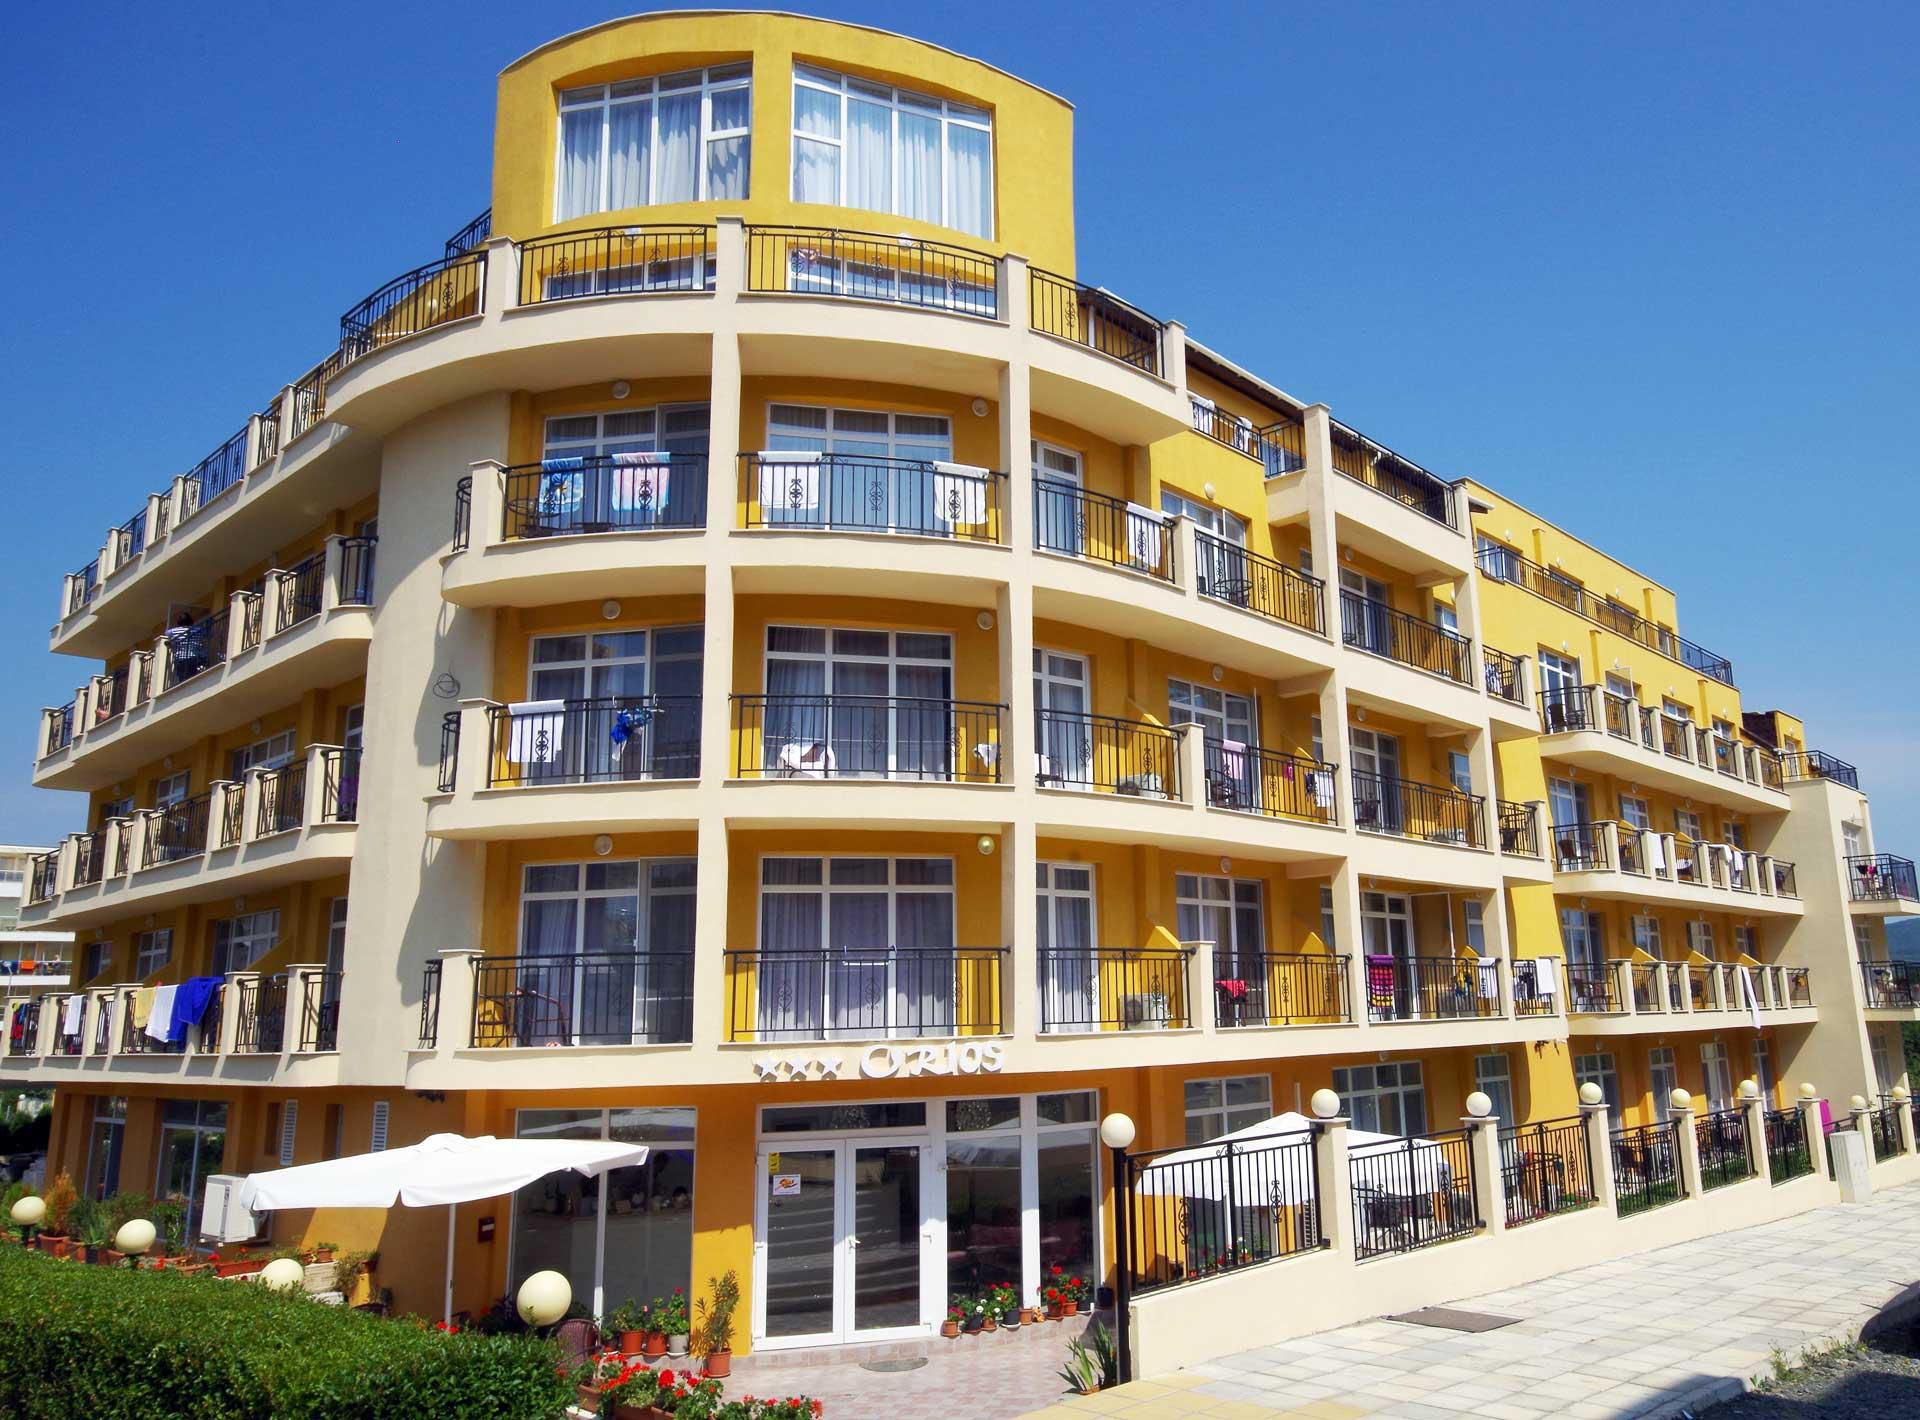 Facad Hotel Orios